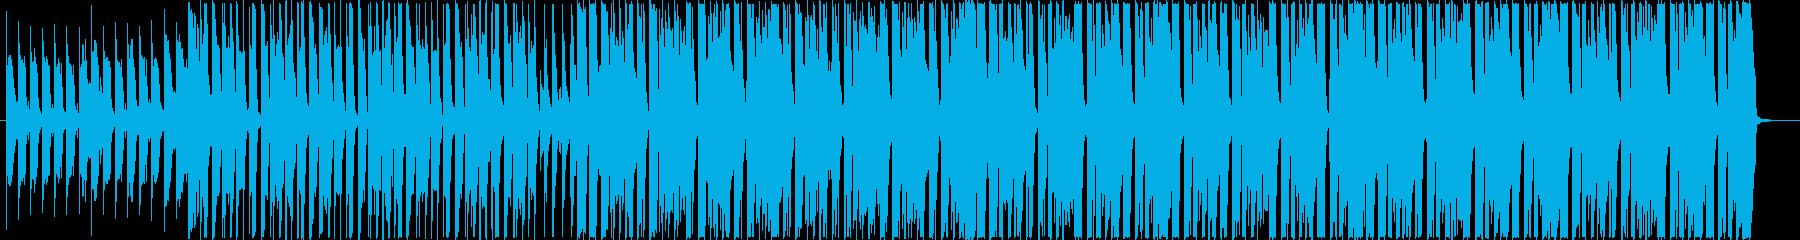 クールでアーバンなDEEPハウスの再生済みの波形